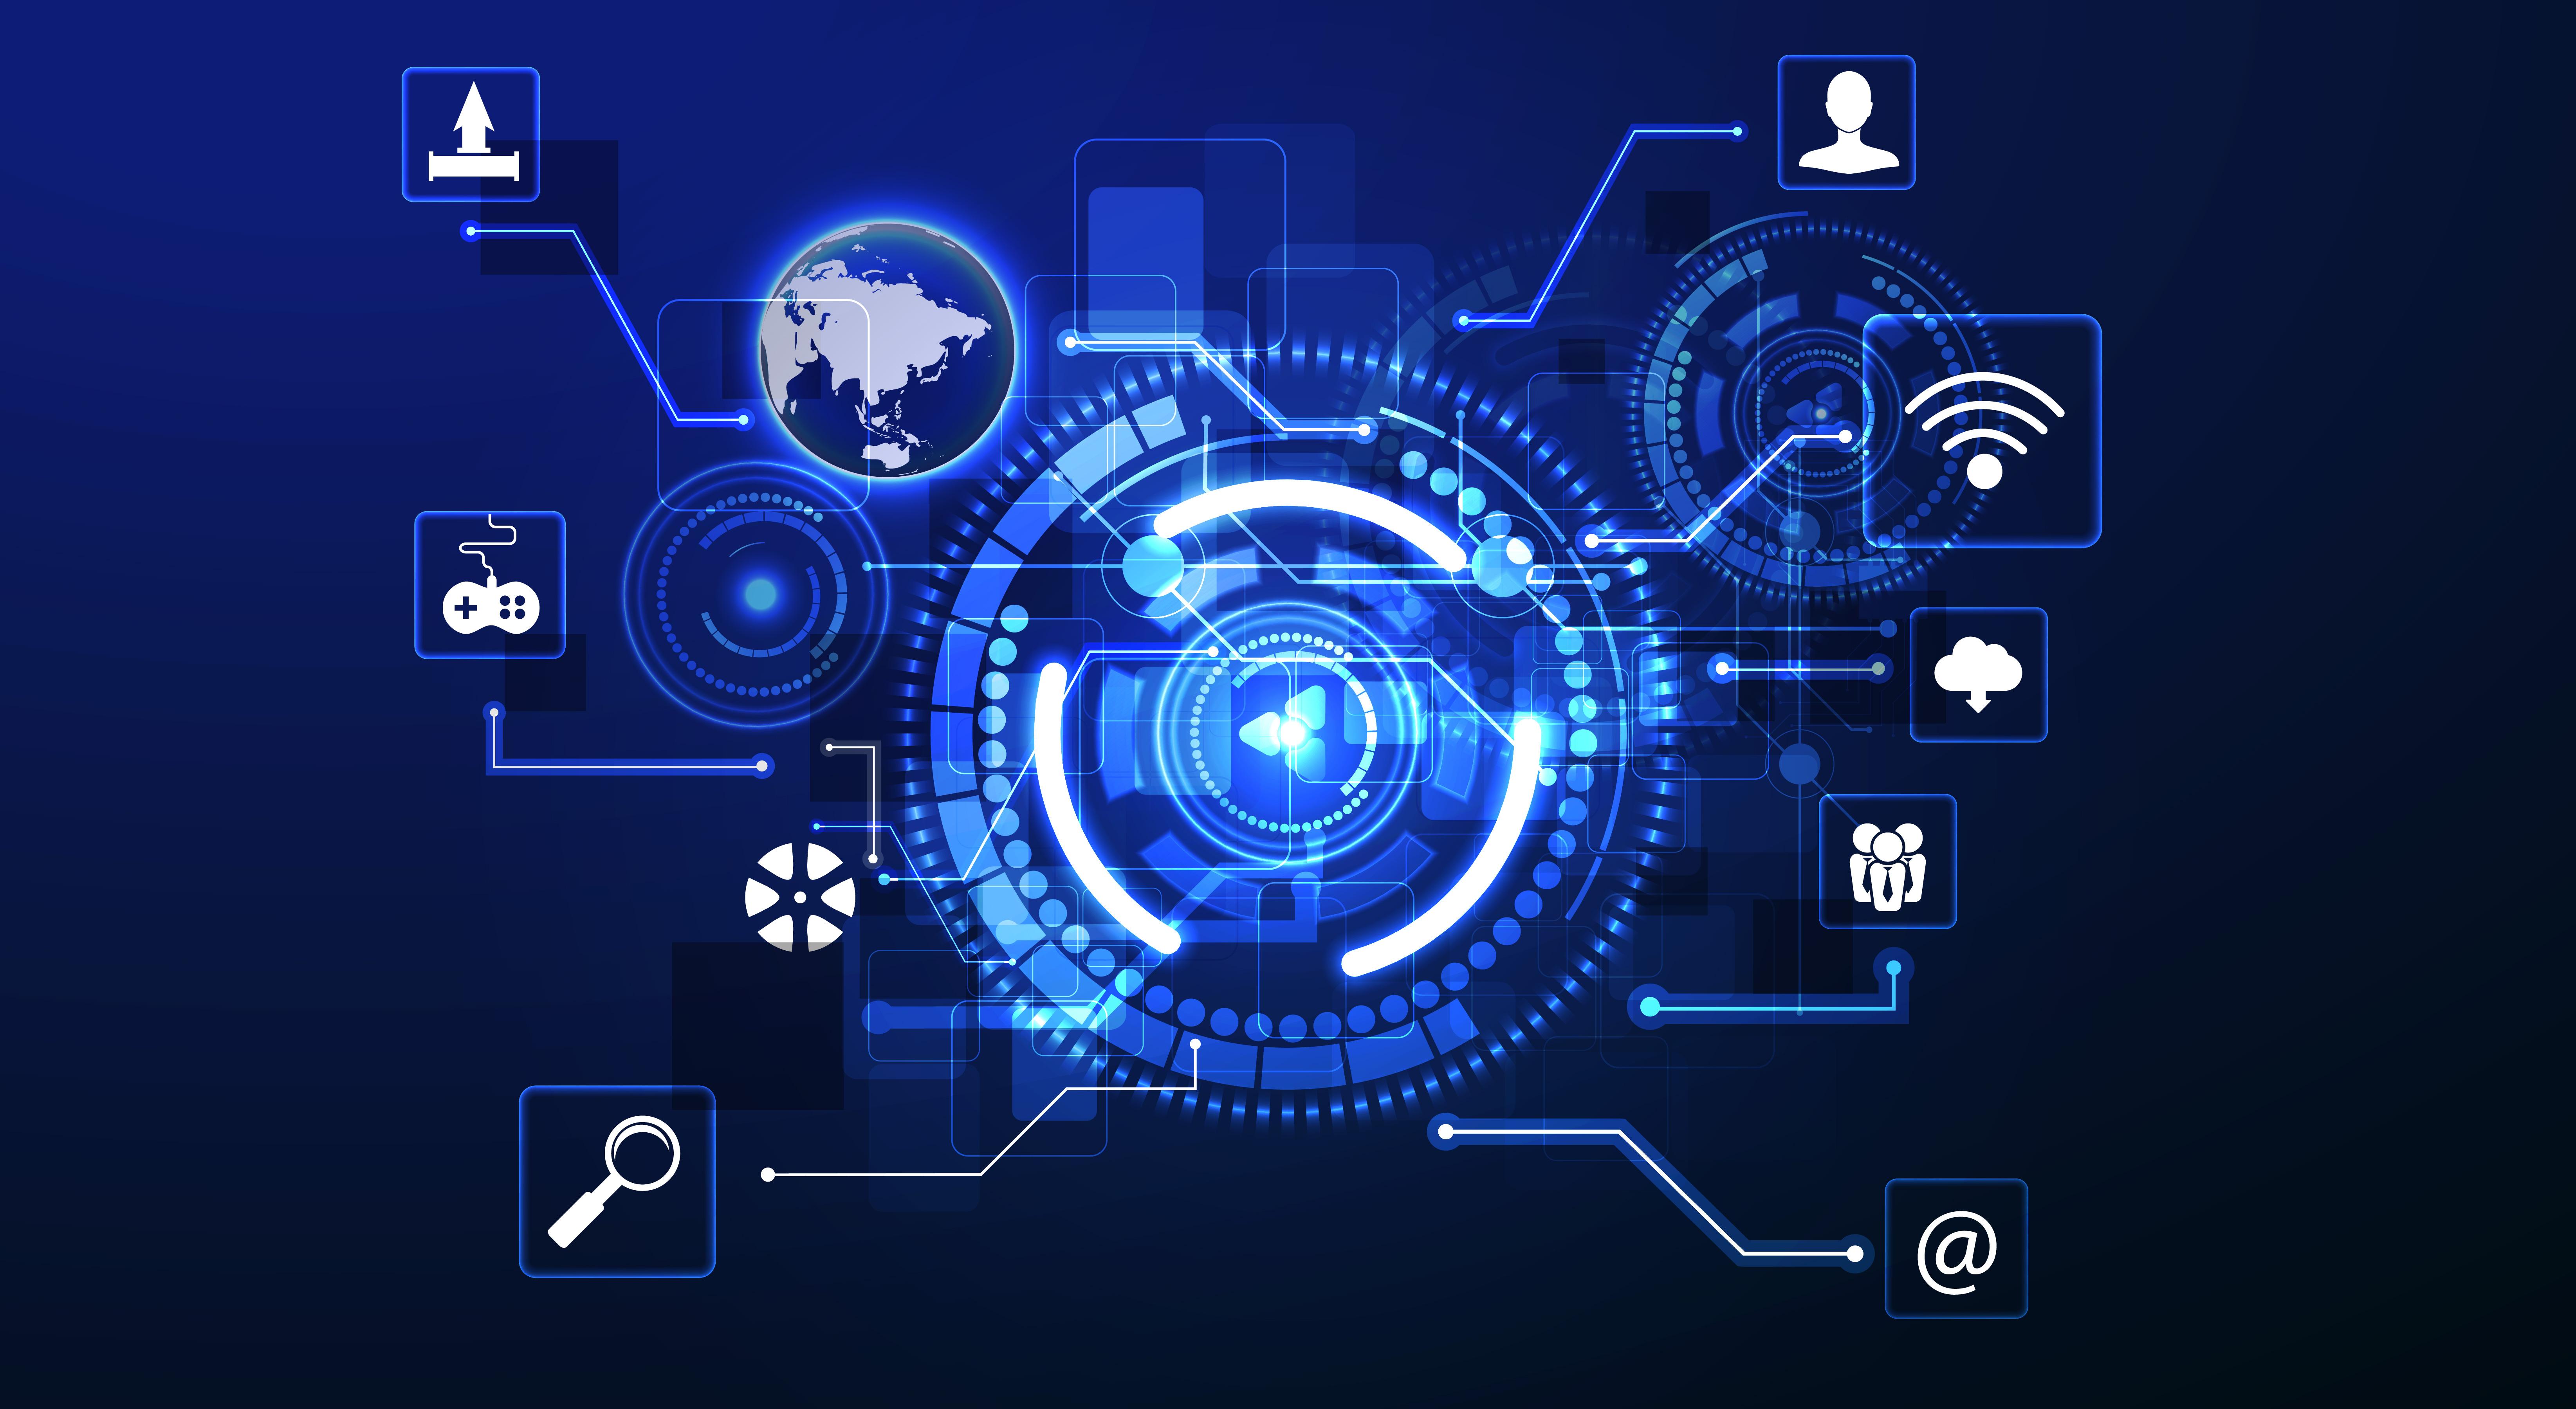 瑞芯微RK1808边缘计算核心板,应用于工业控制、智慧城市等领域